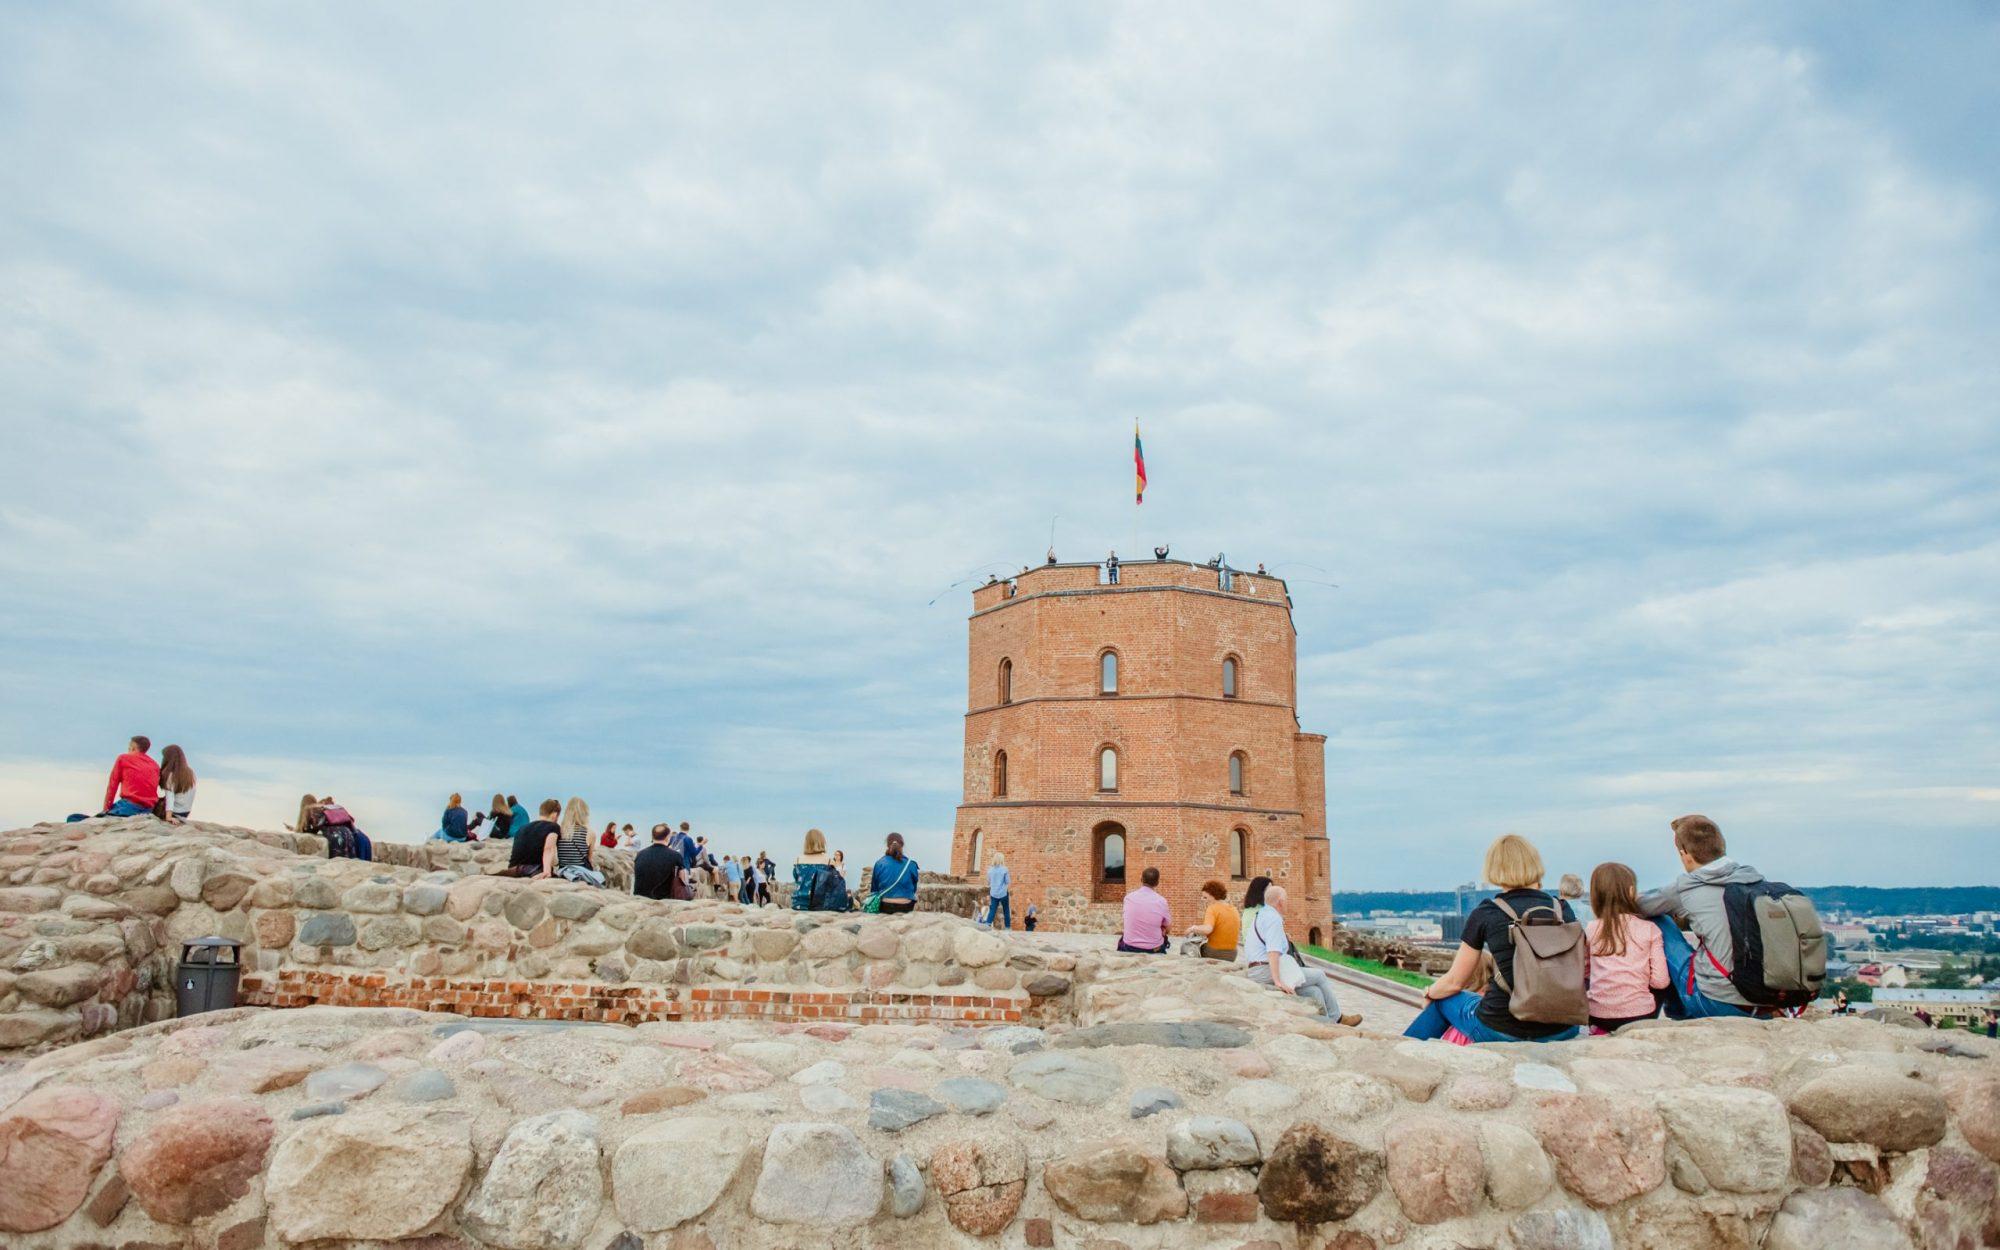 Vilniaus savivaldybė paskirstė 401 tūkst. eurų kultūros sektoriui palaikyti